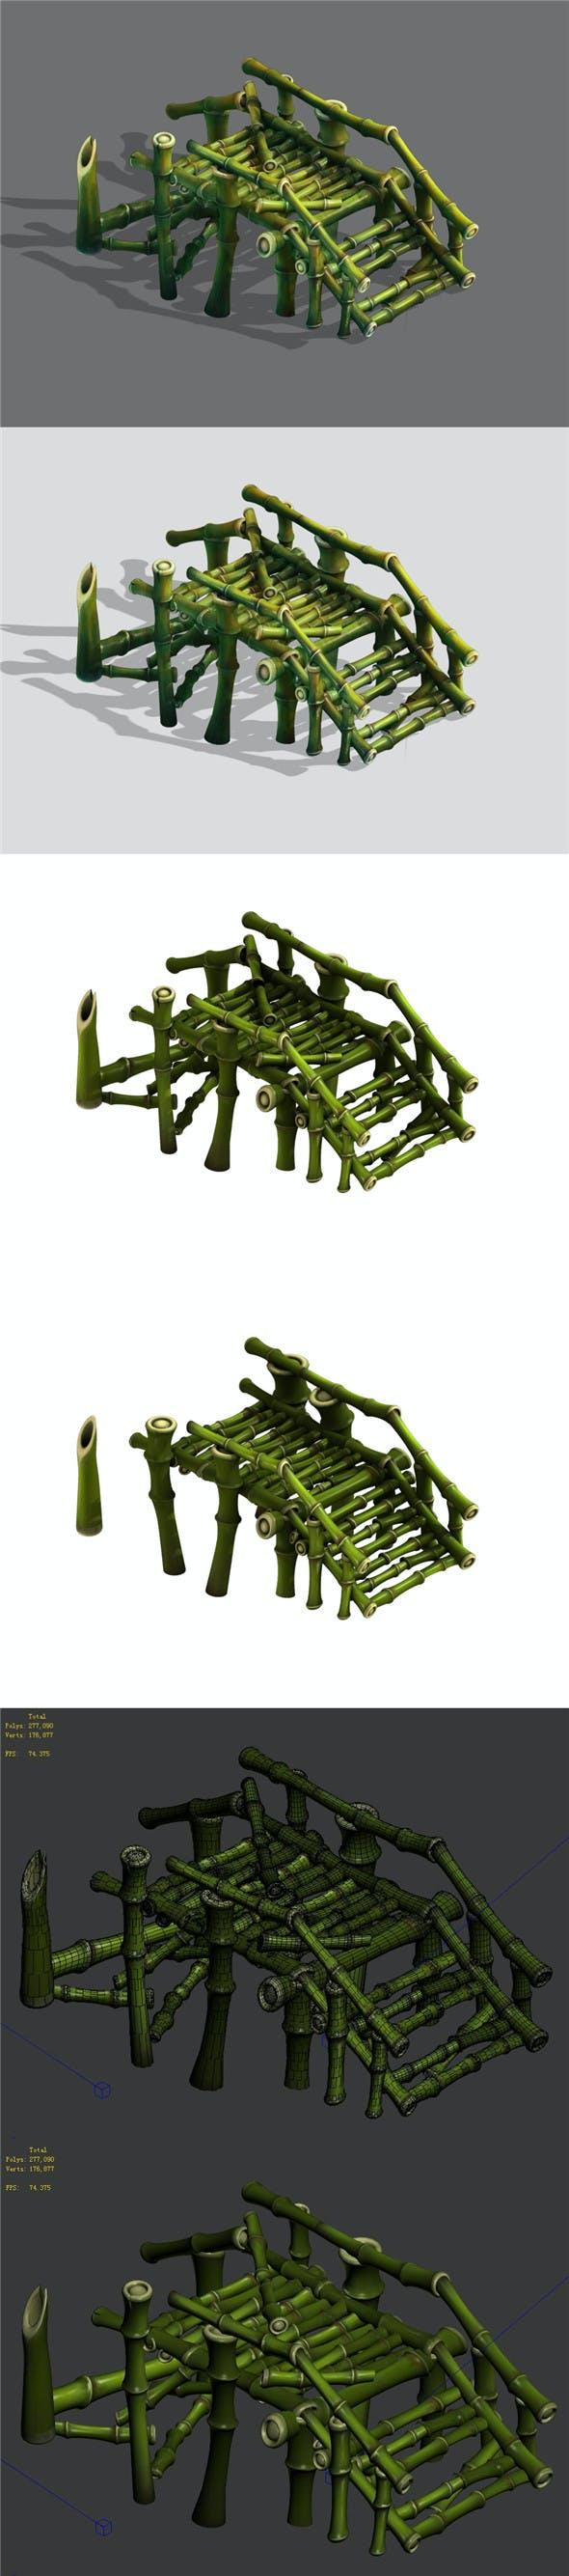 Bamboo - broken bridge - 3DOcean Item for Sale